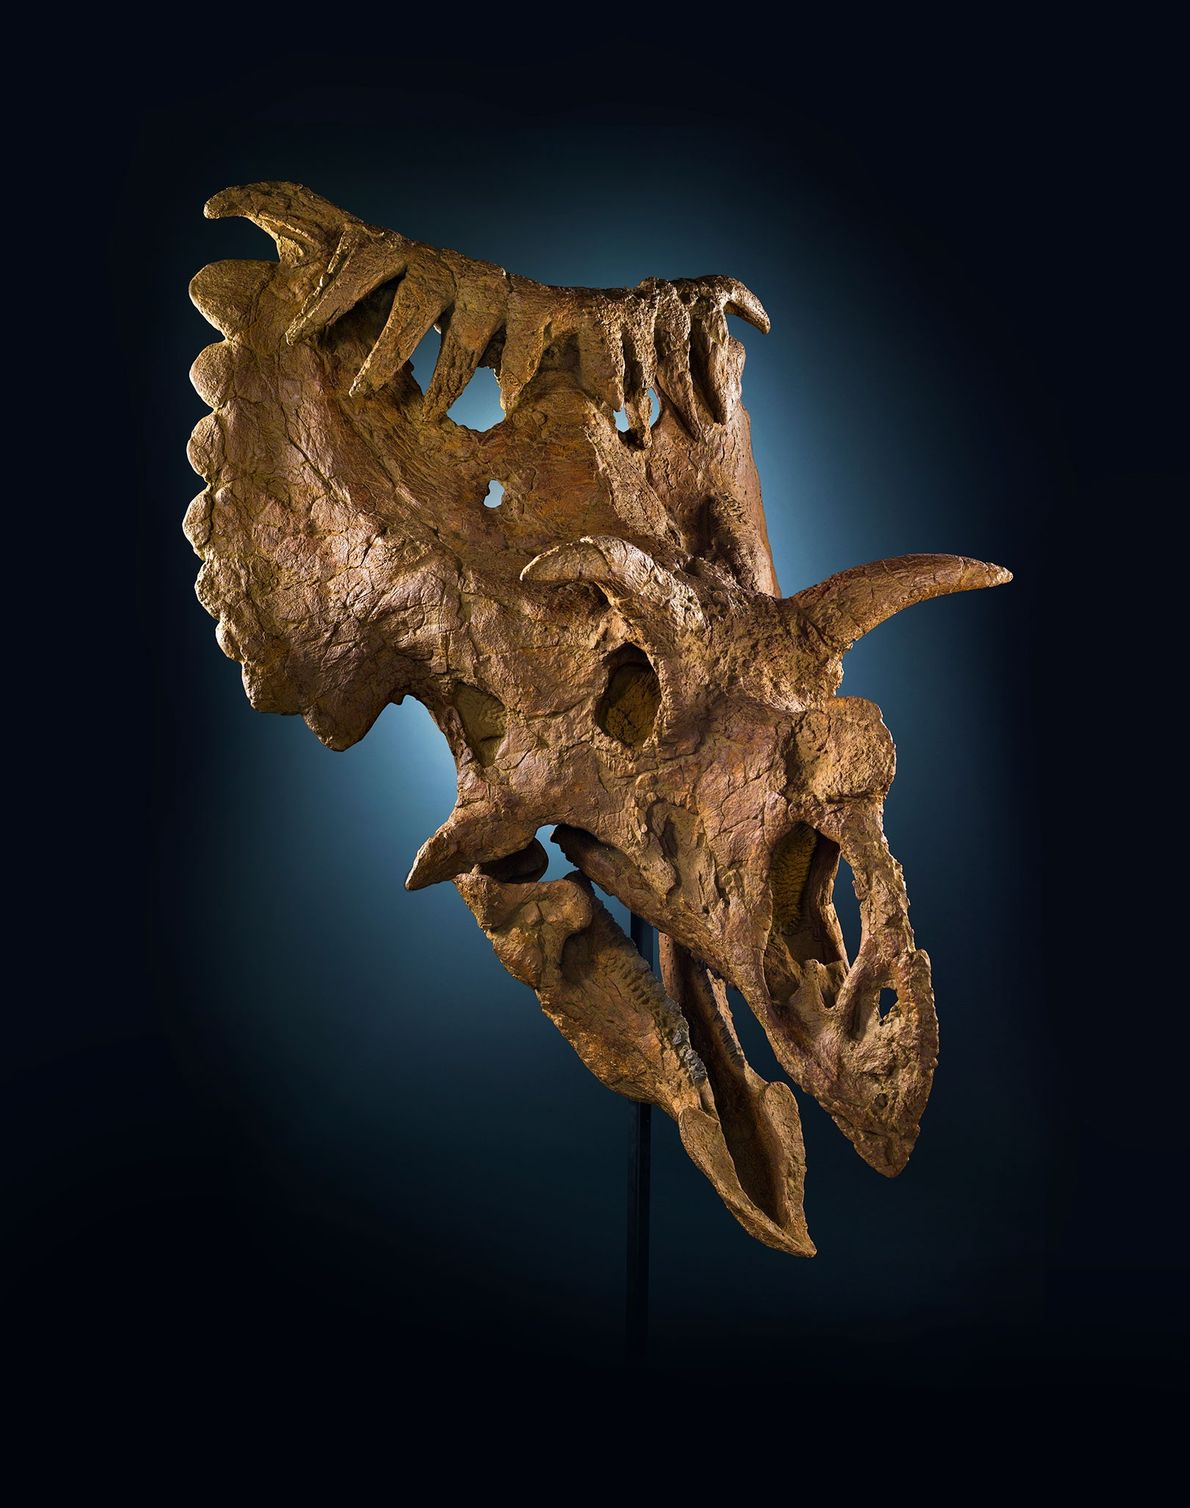 Este crânio incomum vem de um parente de Triceratops chamado Kosmoceratops richardsoni. Este dinossauro ceratopsiano, do ...